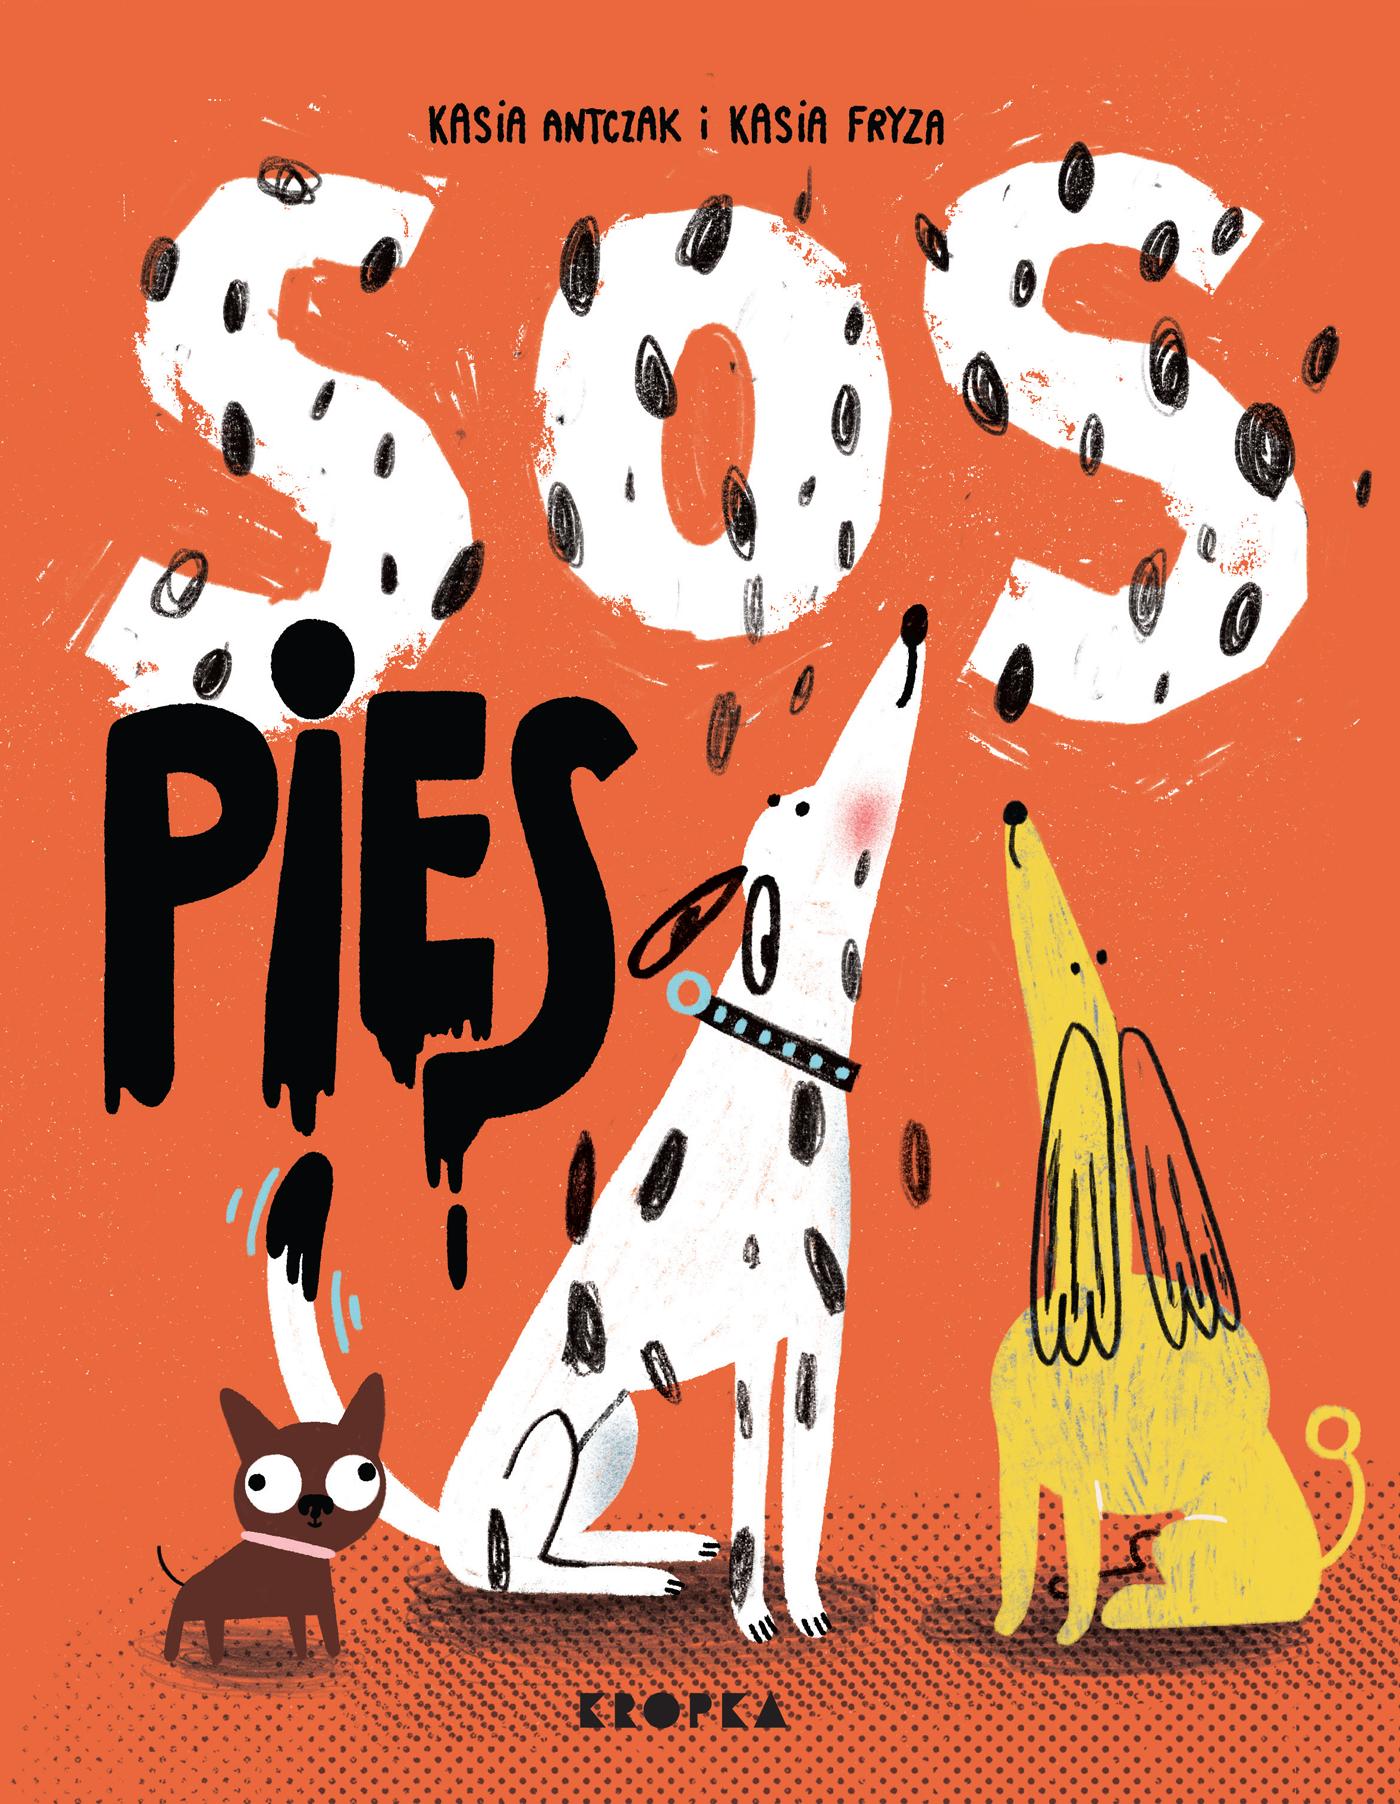 SOS_Pies_1400_OK.jpg